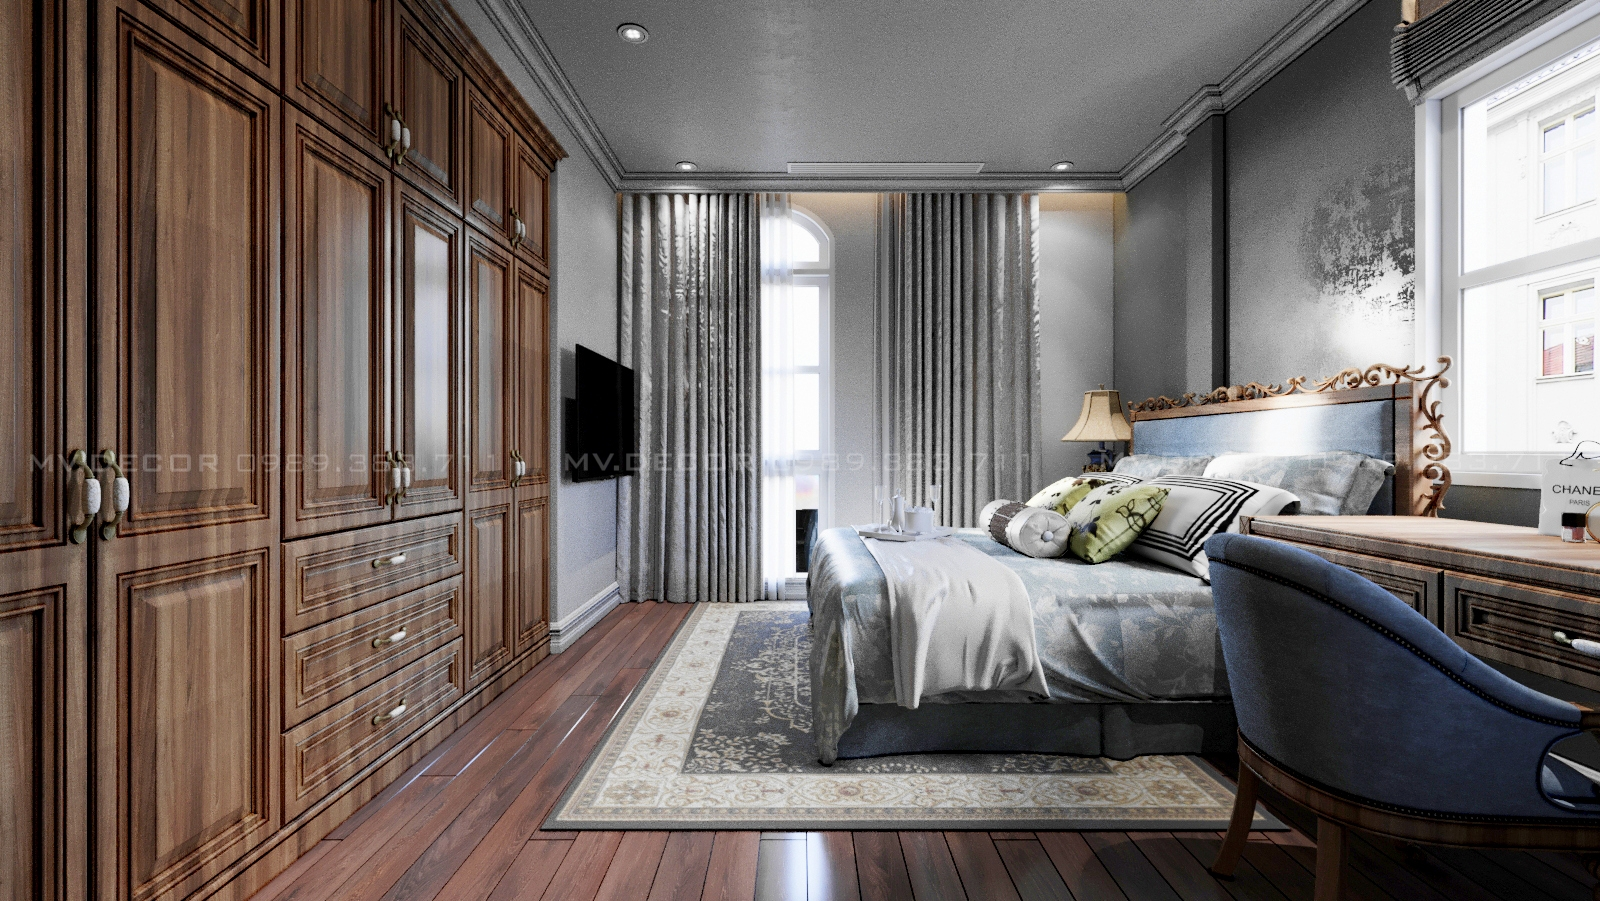 thiết kế nội thất Biệt Thự tại Hải Phòng BT VINHOME HẢI PHÒNG 11 1562719450